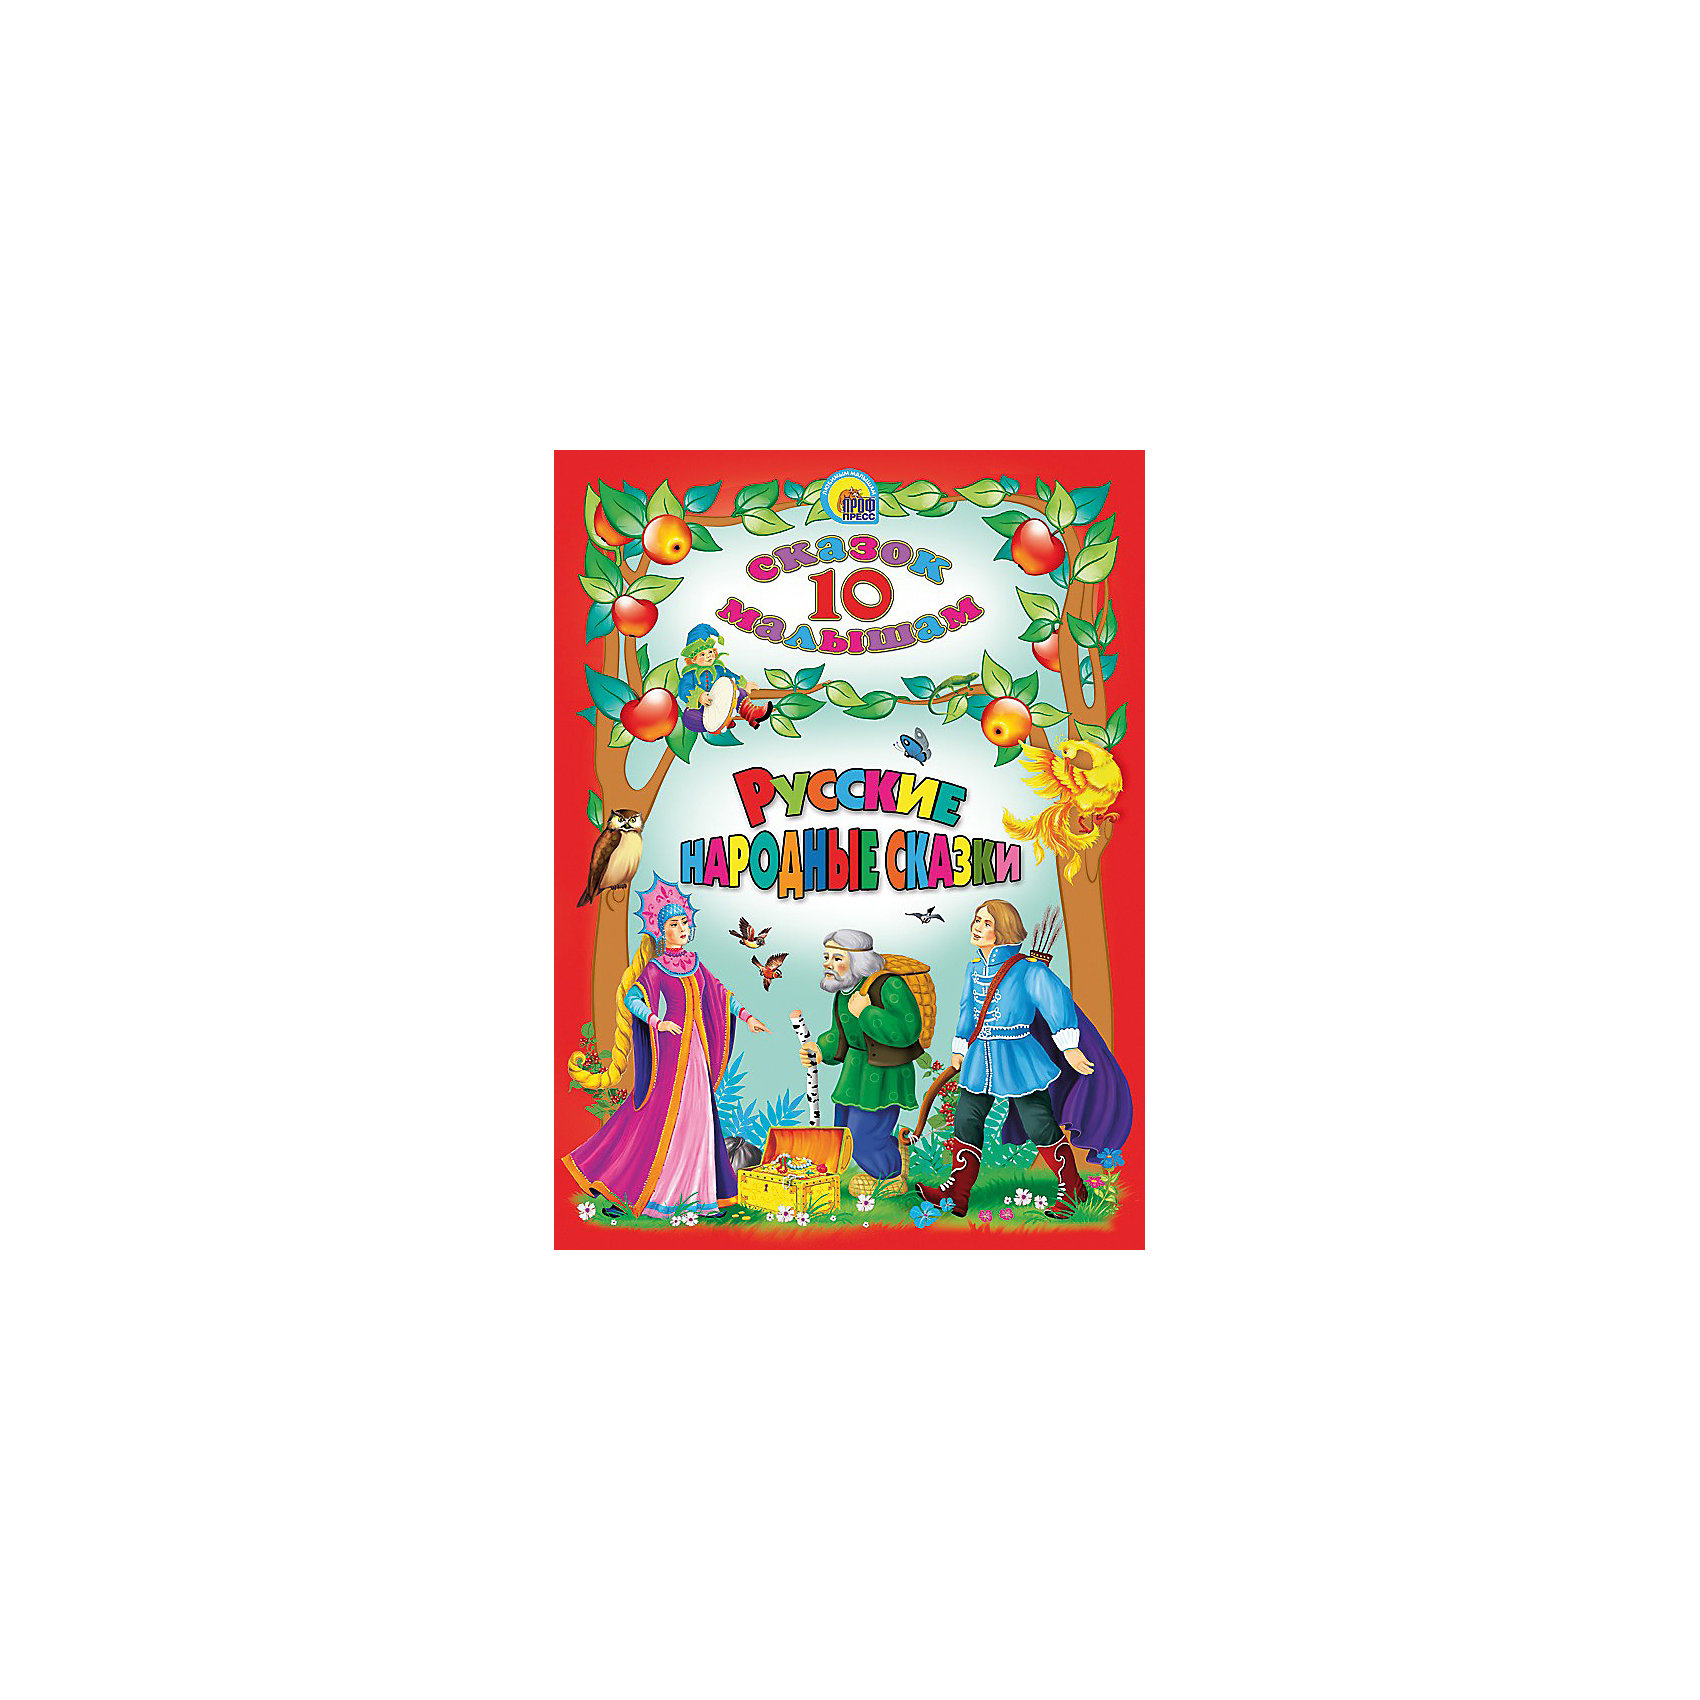 Сборник 10 сказок малышам Русские народные сказкиЛюбимые сказки собраны в серии книг 10 сказок. Замечательные иллюстрации не оставят равнодушными не только детей, но и их родителей.Ваш малыш не только с удовольствием познакомится с содержанием известных сказок, но и получит первые уроки доброты, юмора и смекалки.<br><br>В книгу вошли: Елена Премудрая, Финист - ясный сокол, Семь симеонов, Хитрая наука, Вещий сон, Марья Моревна, Окаменелое царство, Чудесная рубашка, Хрустальная гора, Два Ивана - солдатских сына.<br><br>Материал: бумага офсетная, обложка твердая.<br>Книга содержит 128 стр.<br><br>Ширина мм: 162<br>Глубина мм: 15<br>Высота мм: 220<br>Вес г: 272<br>Возраст от месяцев: 24<br>Возраст до месяцев: 60<br>Пол: Унисекс<br>Возраст: Детский<br>SKU: 2499679